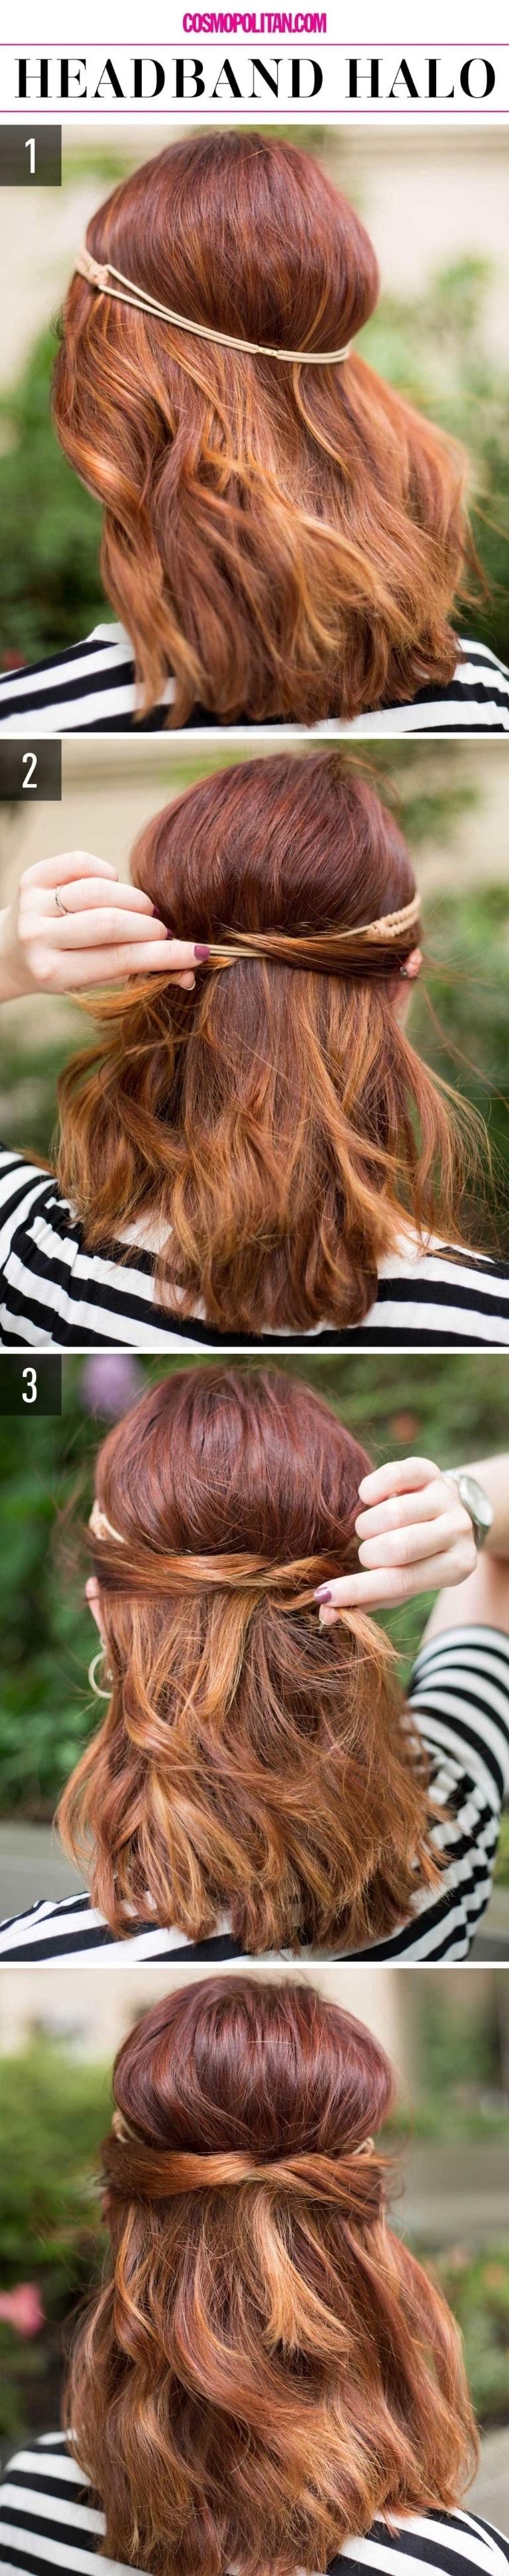 jolis-coiffures-express-pour-cheveux-mi-longs-13